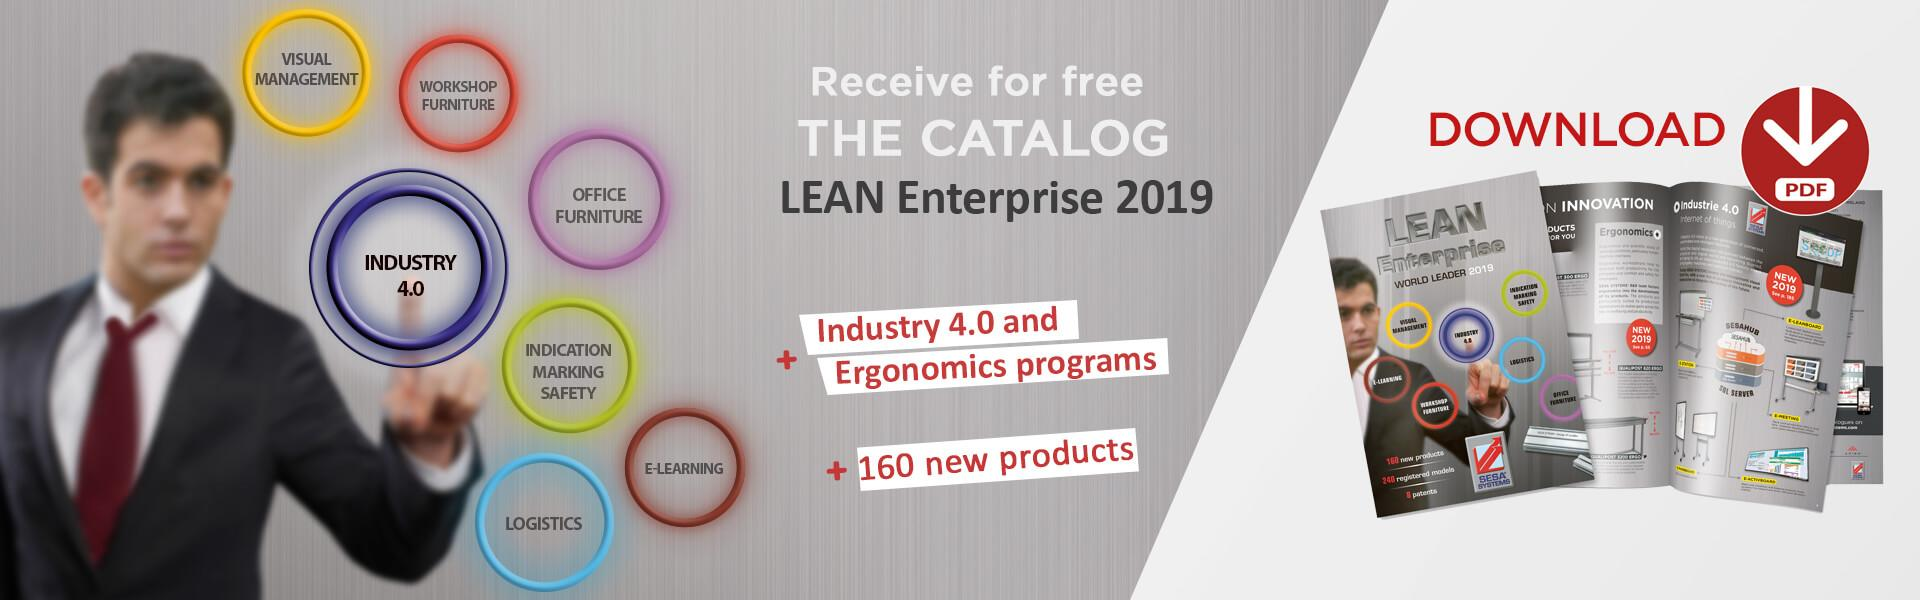 Lean Entreprise 2019 catalog